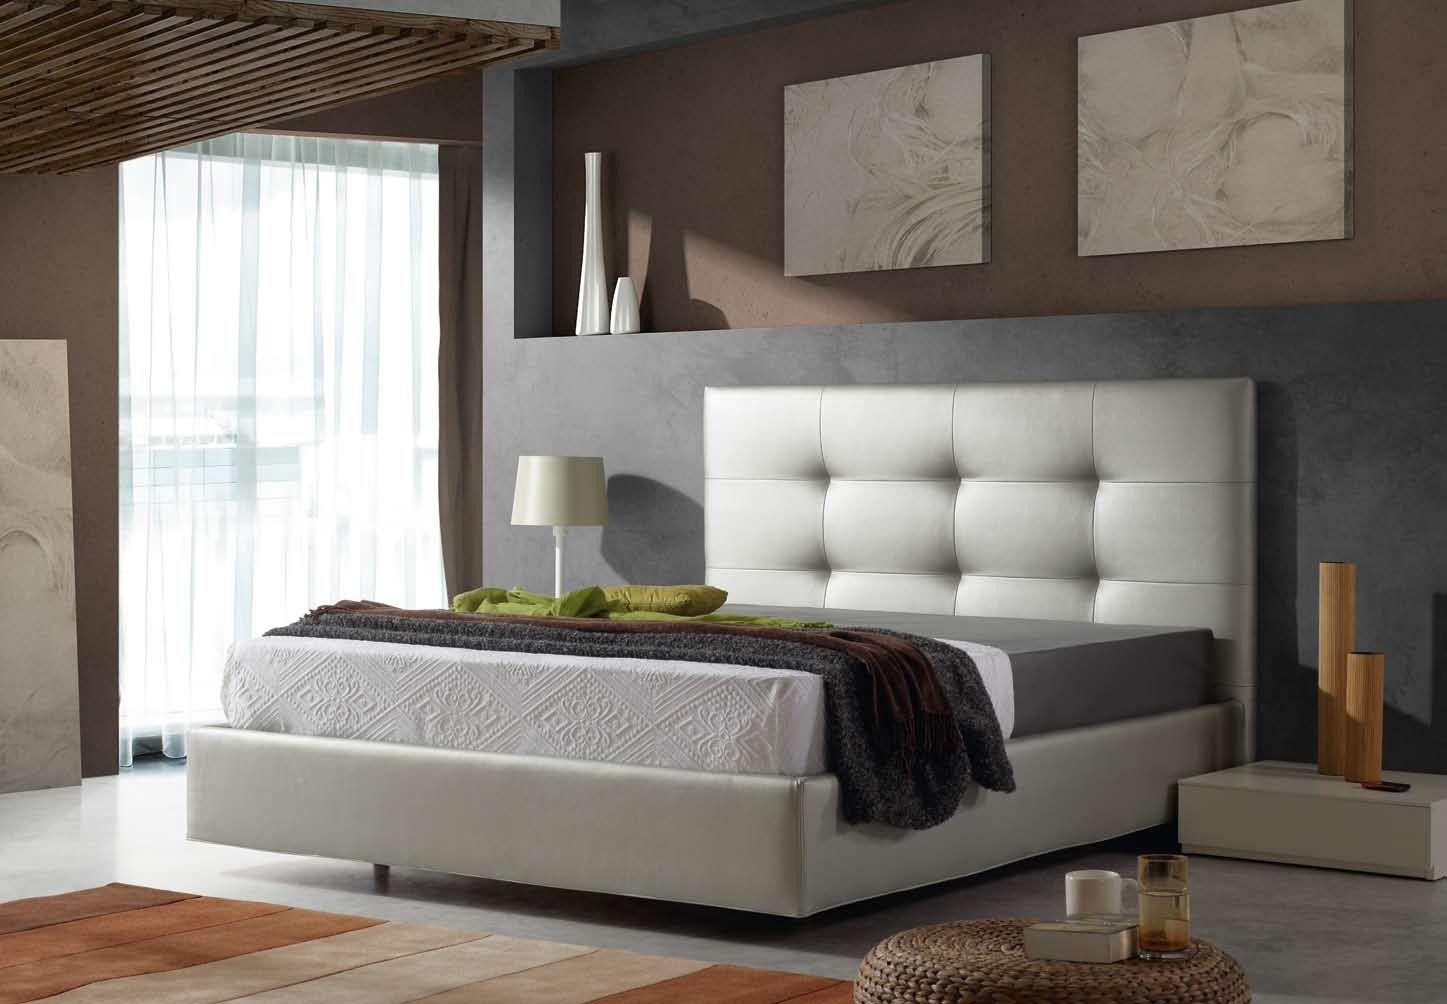 cabeceras de cama buscar con google